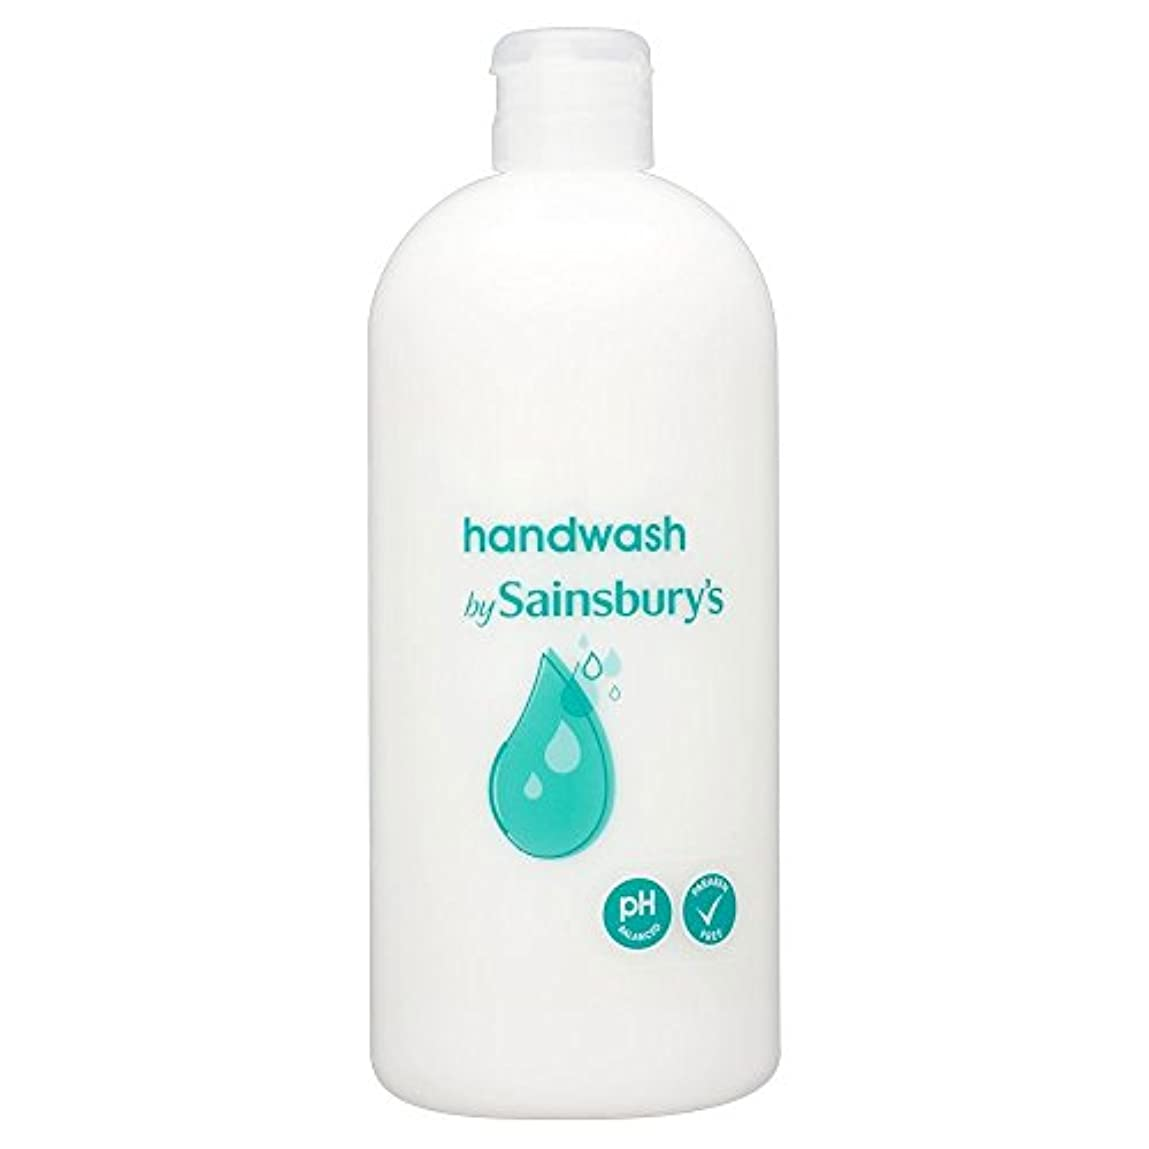 学習者できる請願者Sainsbury's Handwash, White Refill 500ml - (Sainsbury's) 手洗い、白リフィル500ミリリットル [並行輸入品]